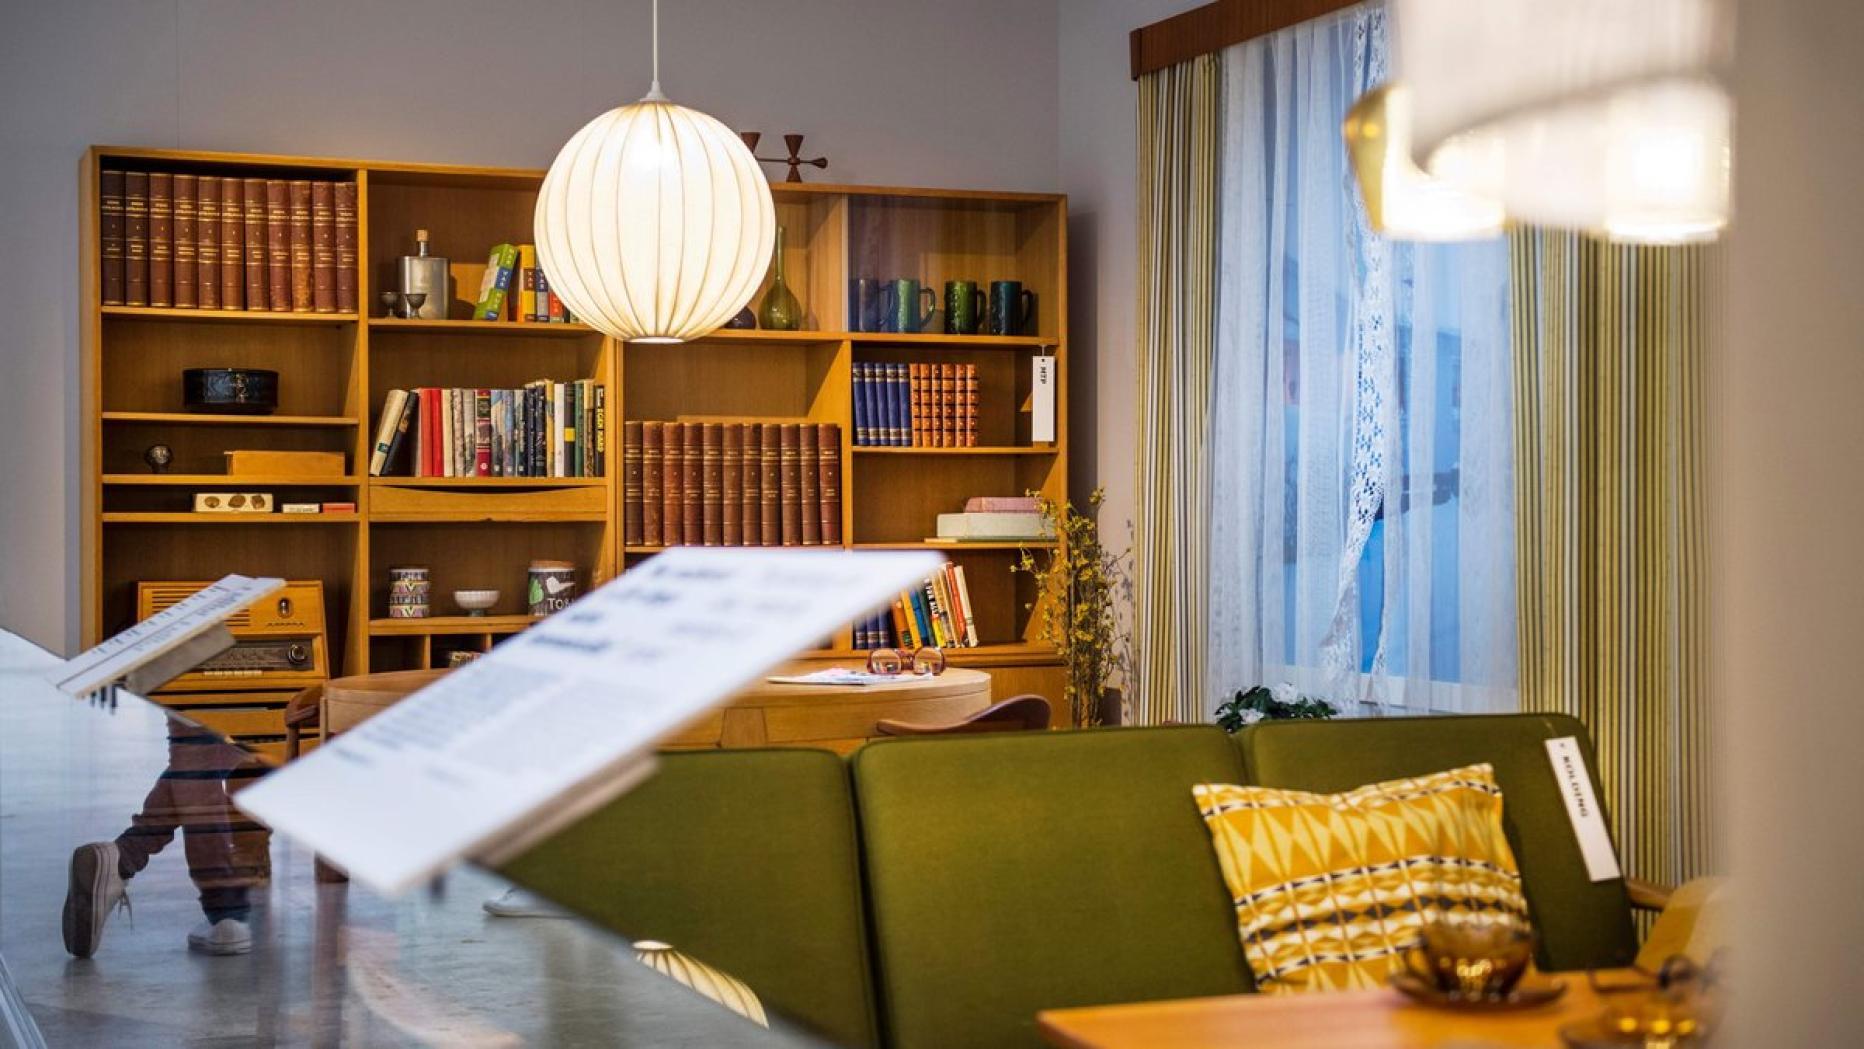 Ikea Offensive: Einfacherer Bau, neue Materialien | kurier.at